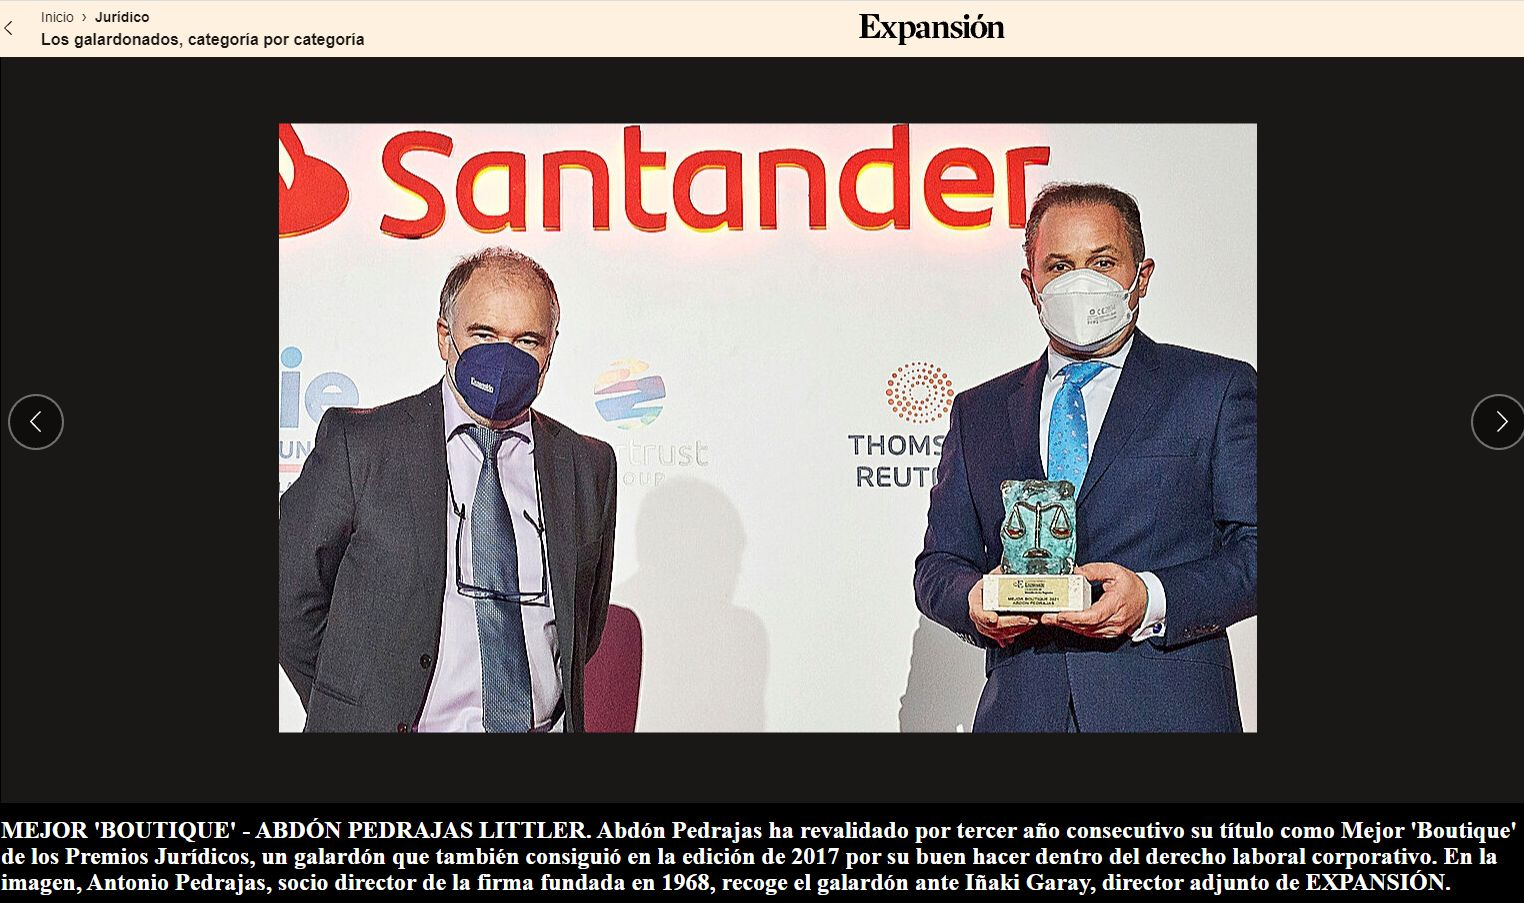 ABDÓN PEDRAJAS PREMIADA NUEVAMENTE COMO MEJOR BOUTIQUE LEGAL DE ESPAÑA EN LA VI EDICIÓN DE LOS PREMIOS JURÍDICOS EXPANSIÓN.